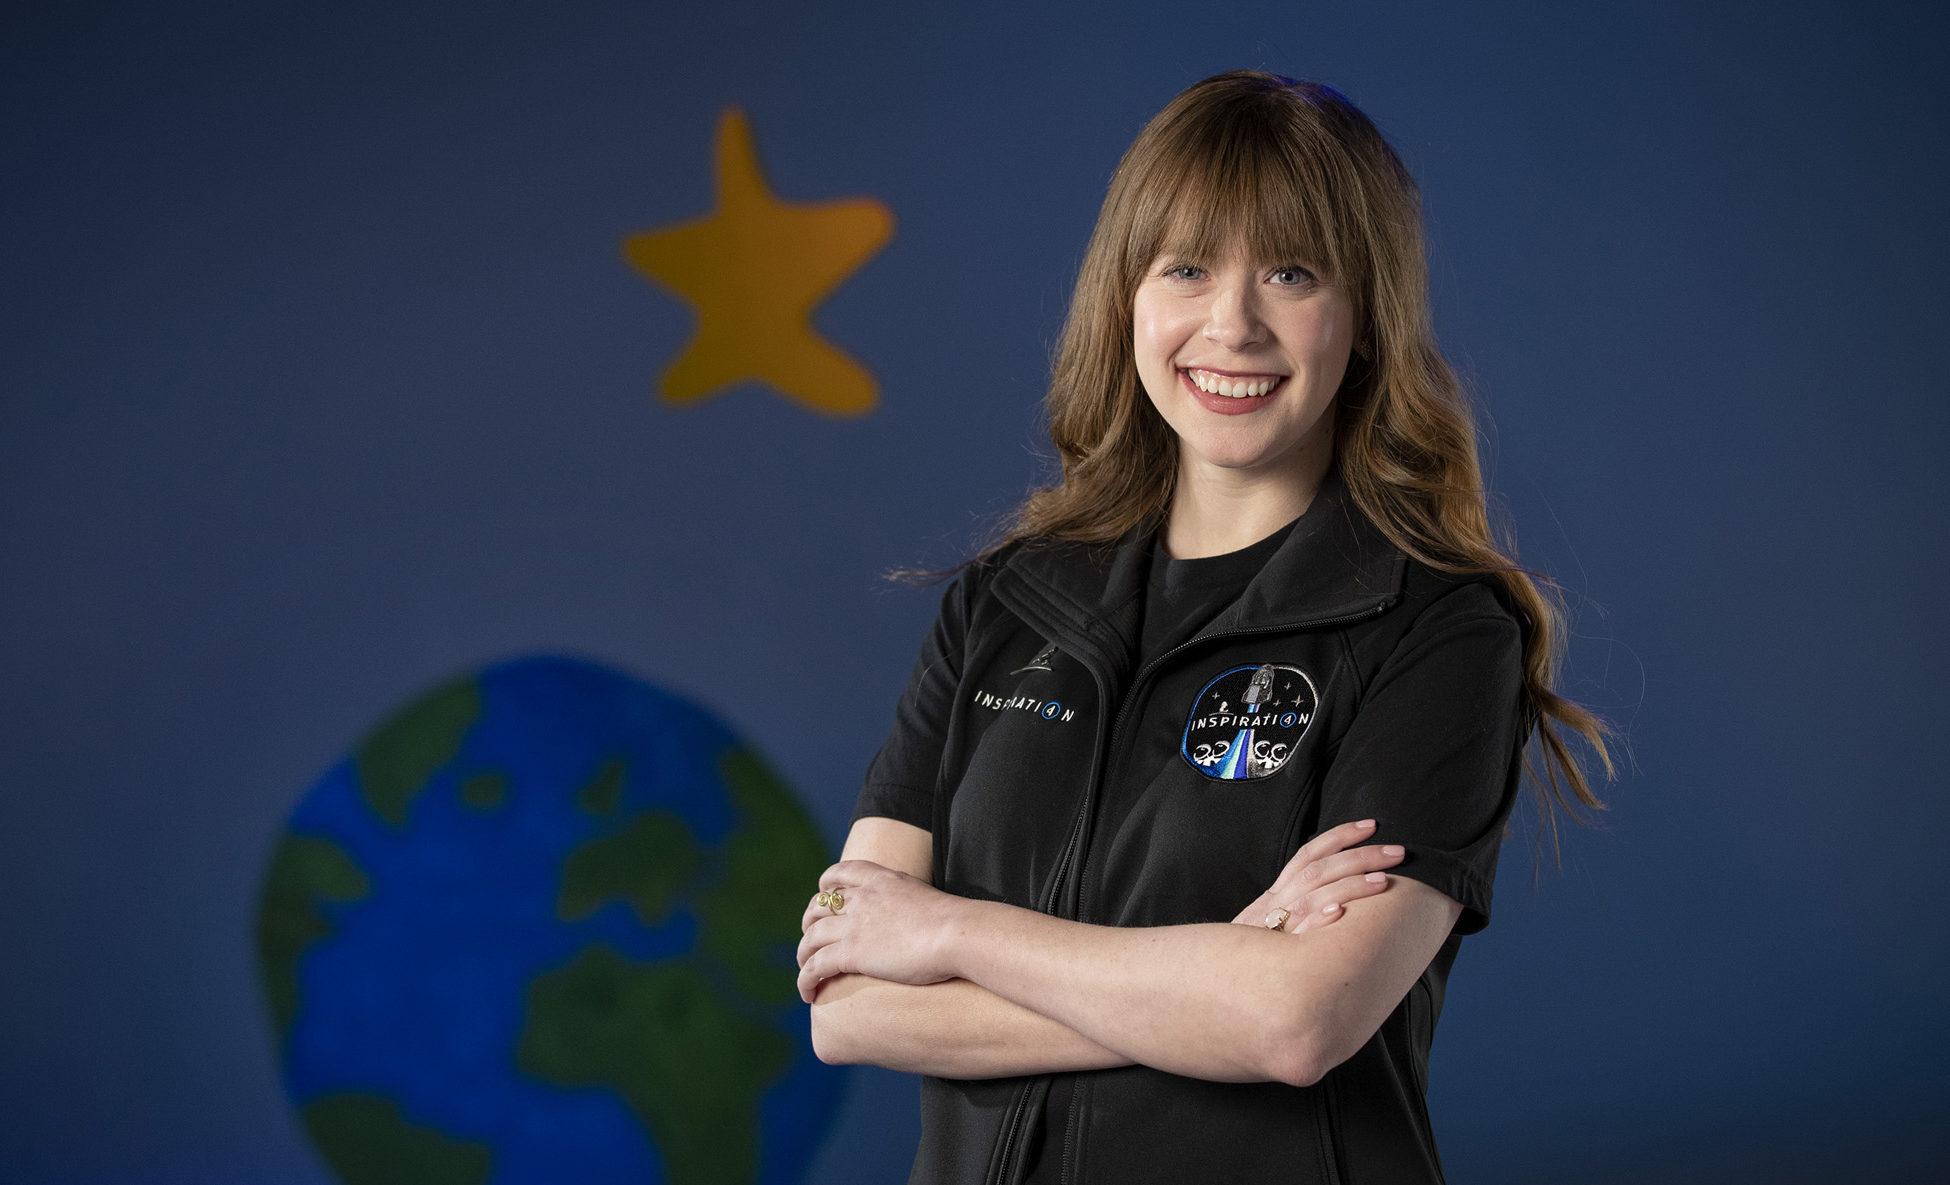 SpaceX : à 29 ans, elle sera l'une des plus jeunes à voler dans l'espace